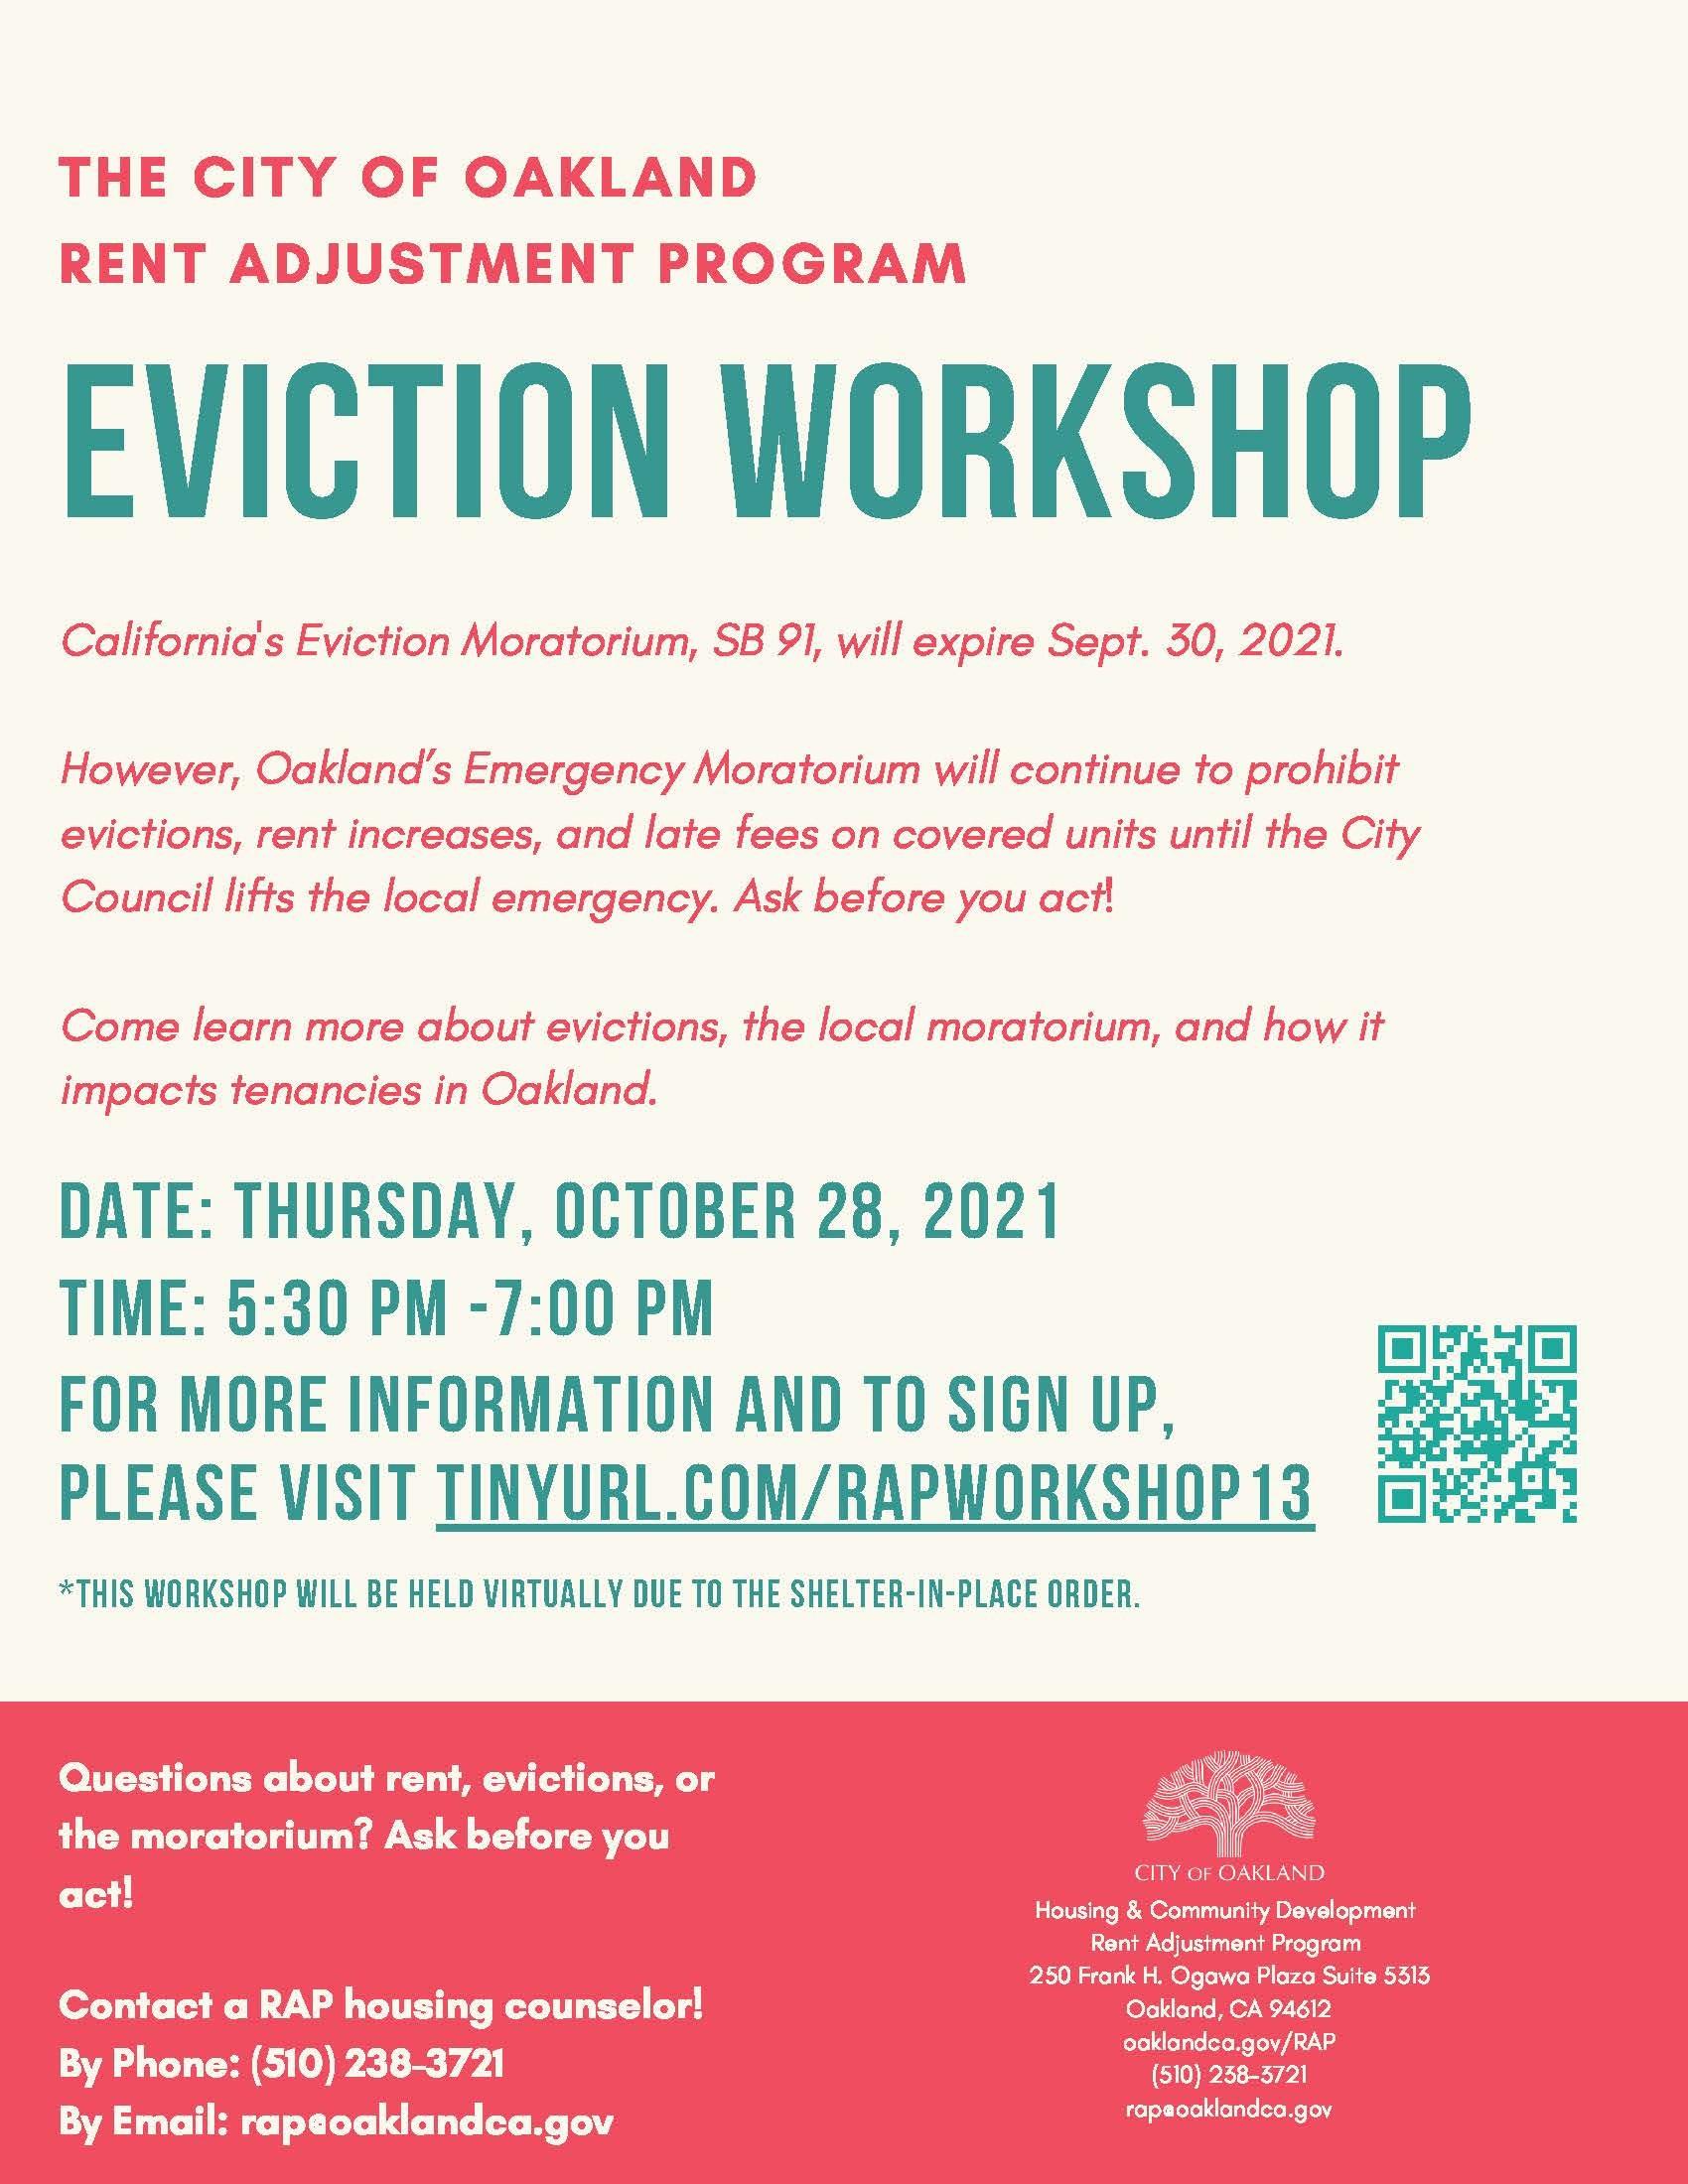 Eviction Workshop Image